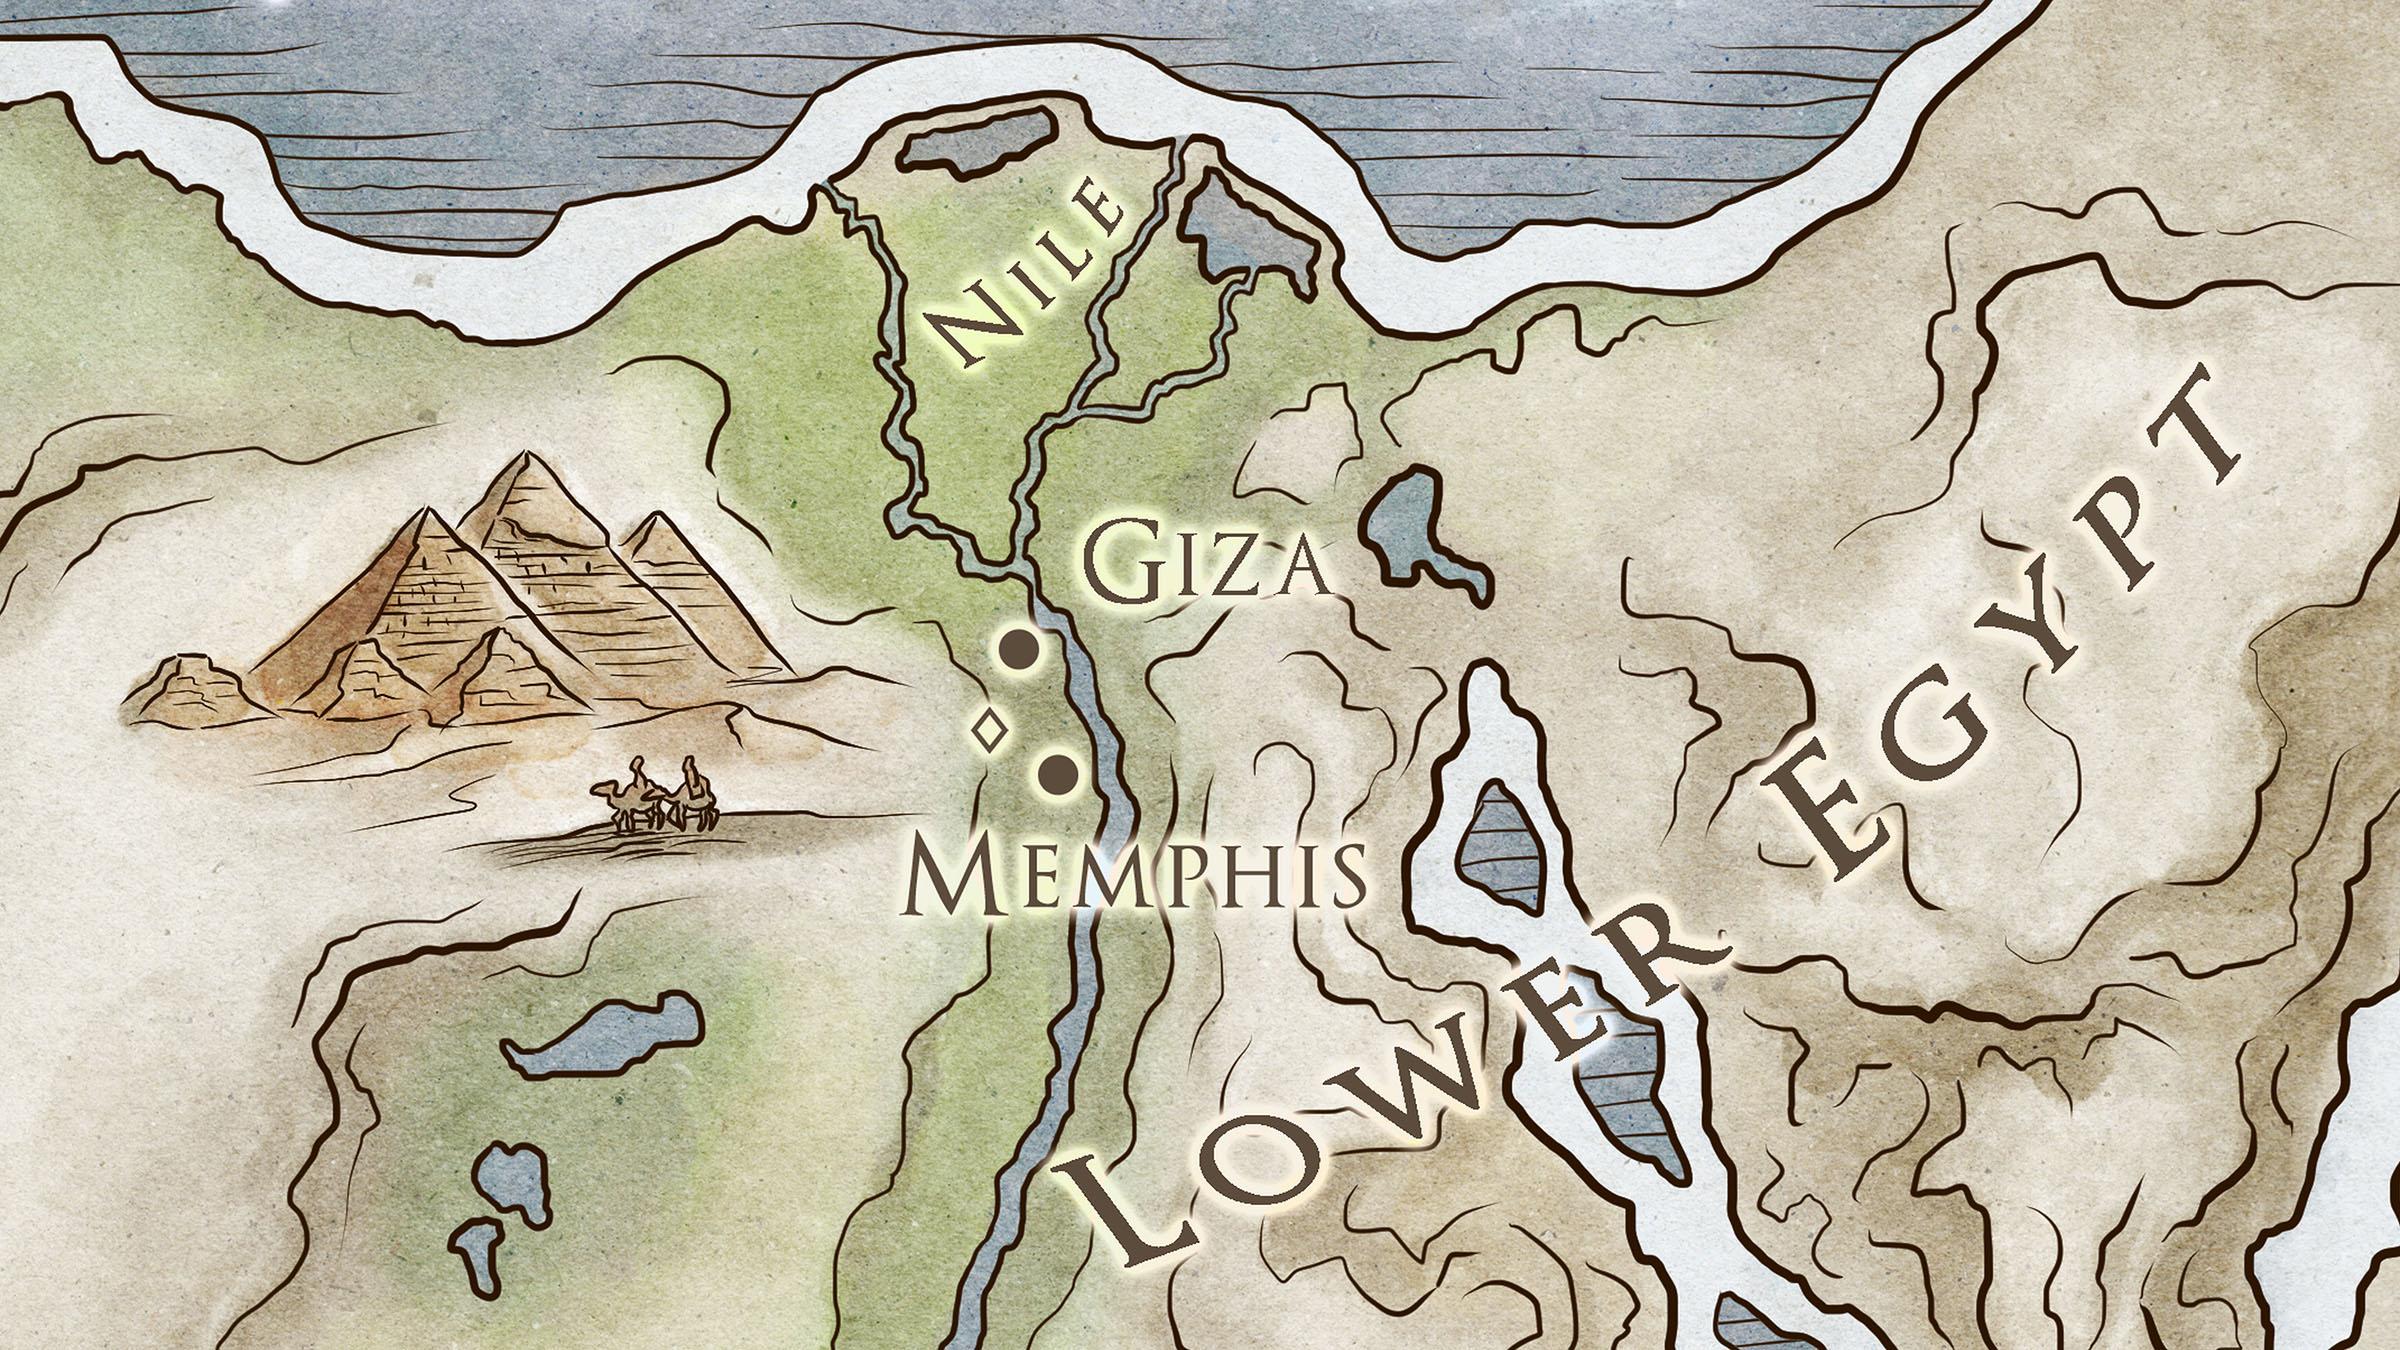 mapa del antiguo Egipto menfis.